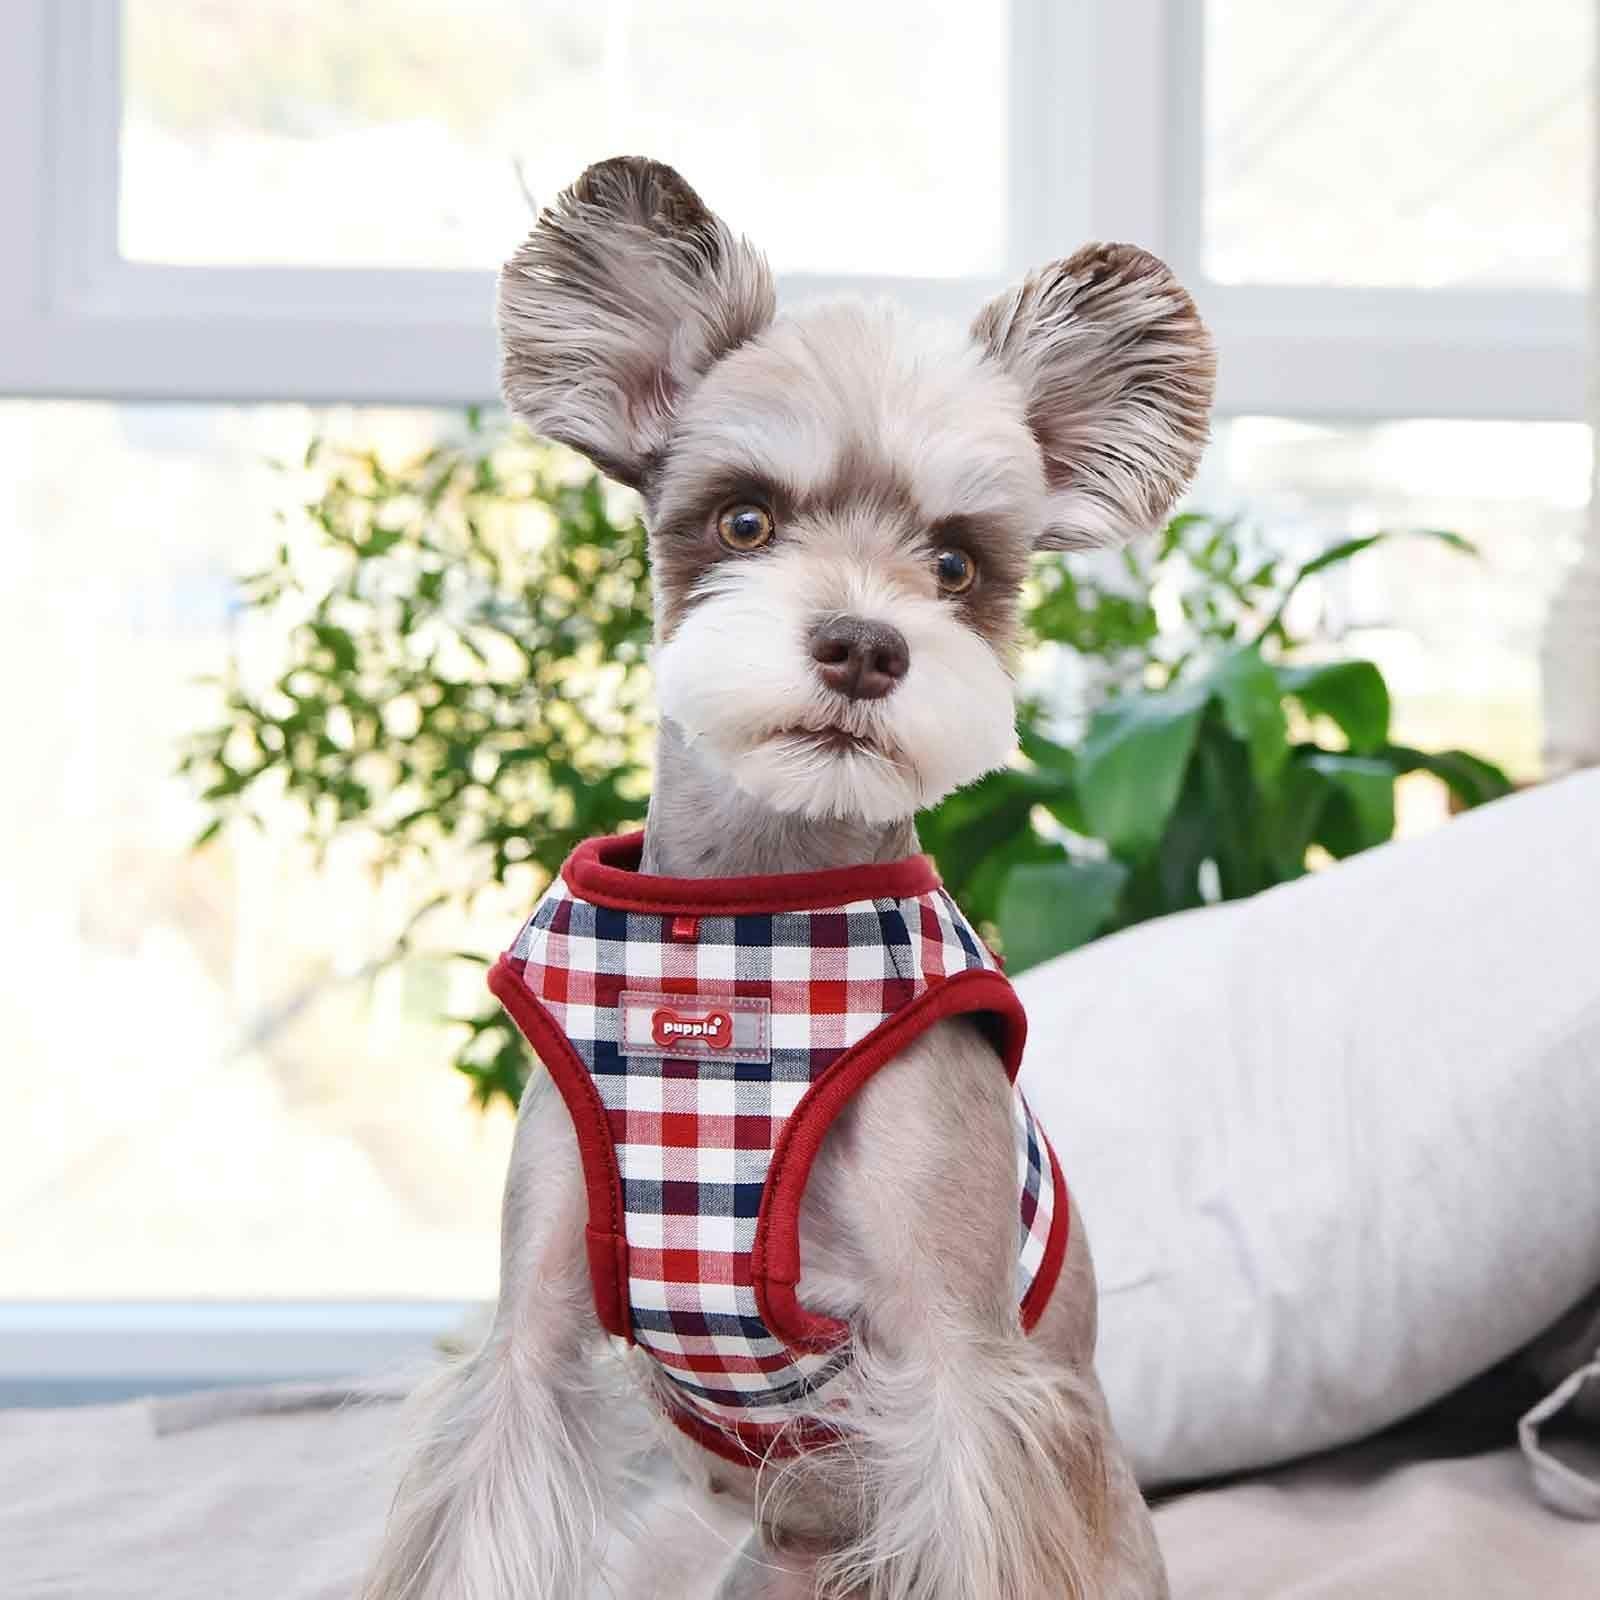 Puppia Neil Dog Harness B Vest Wine New Check Pattern At D4dogz